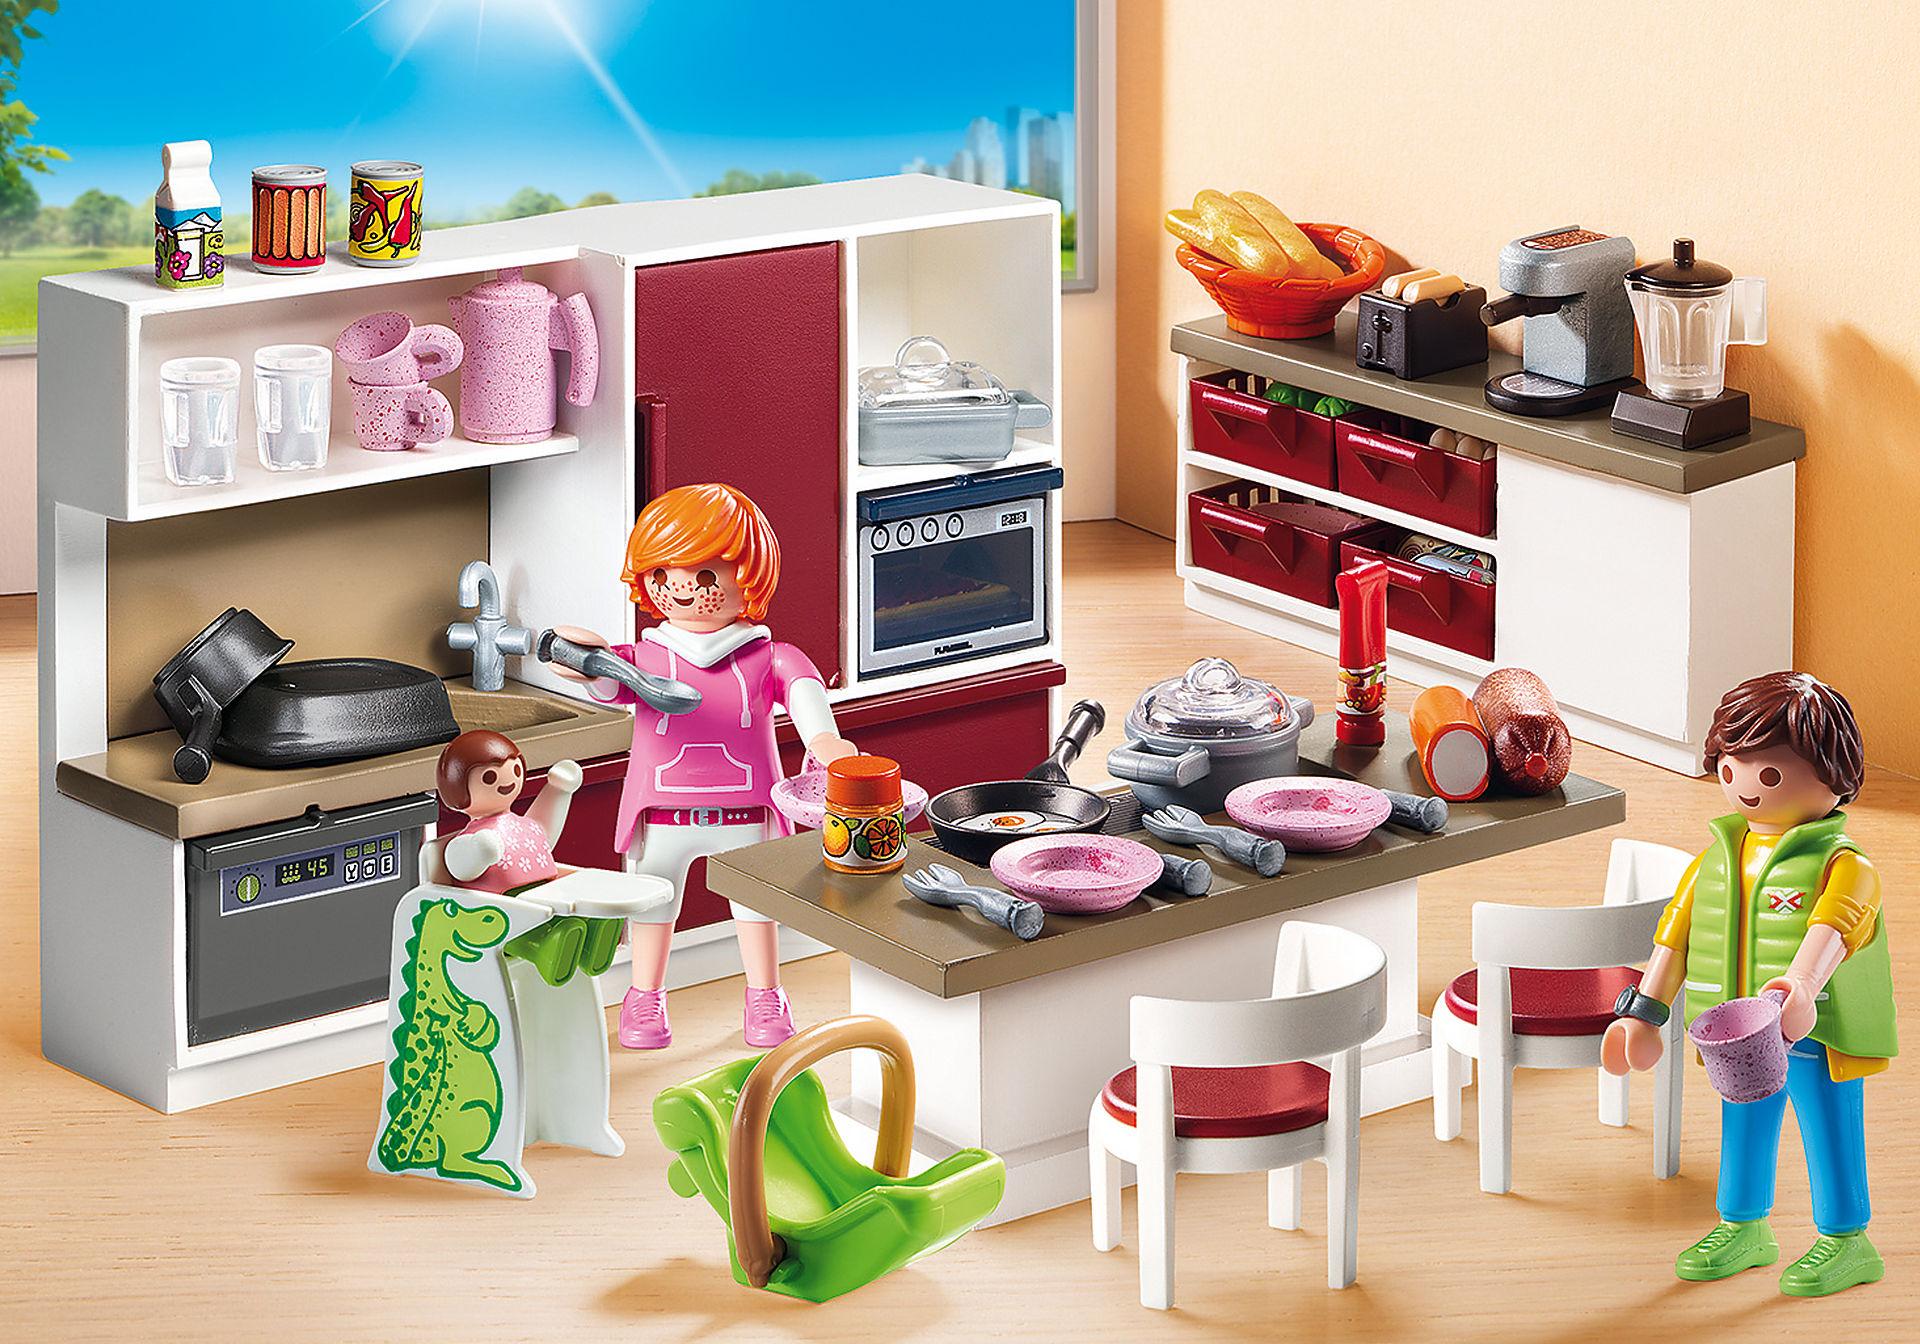 9269 Duża rodzinna kuchnia zoom image1